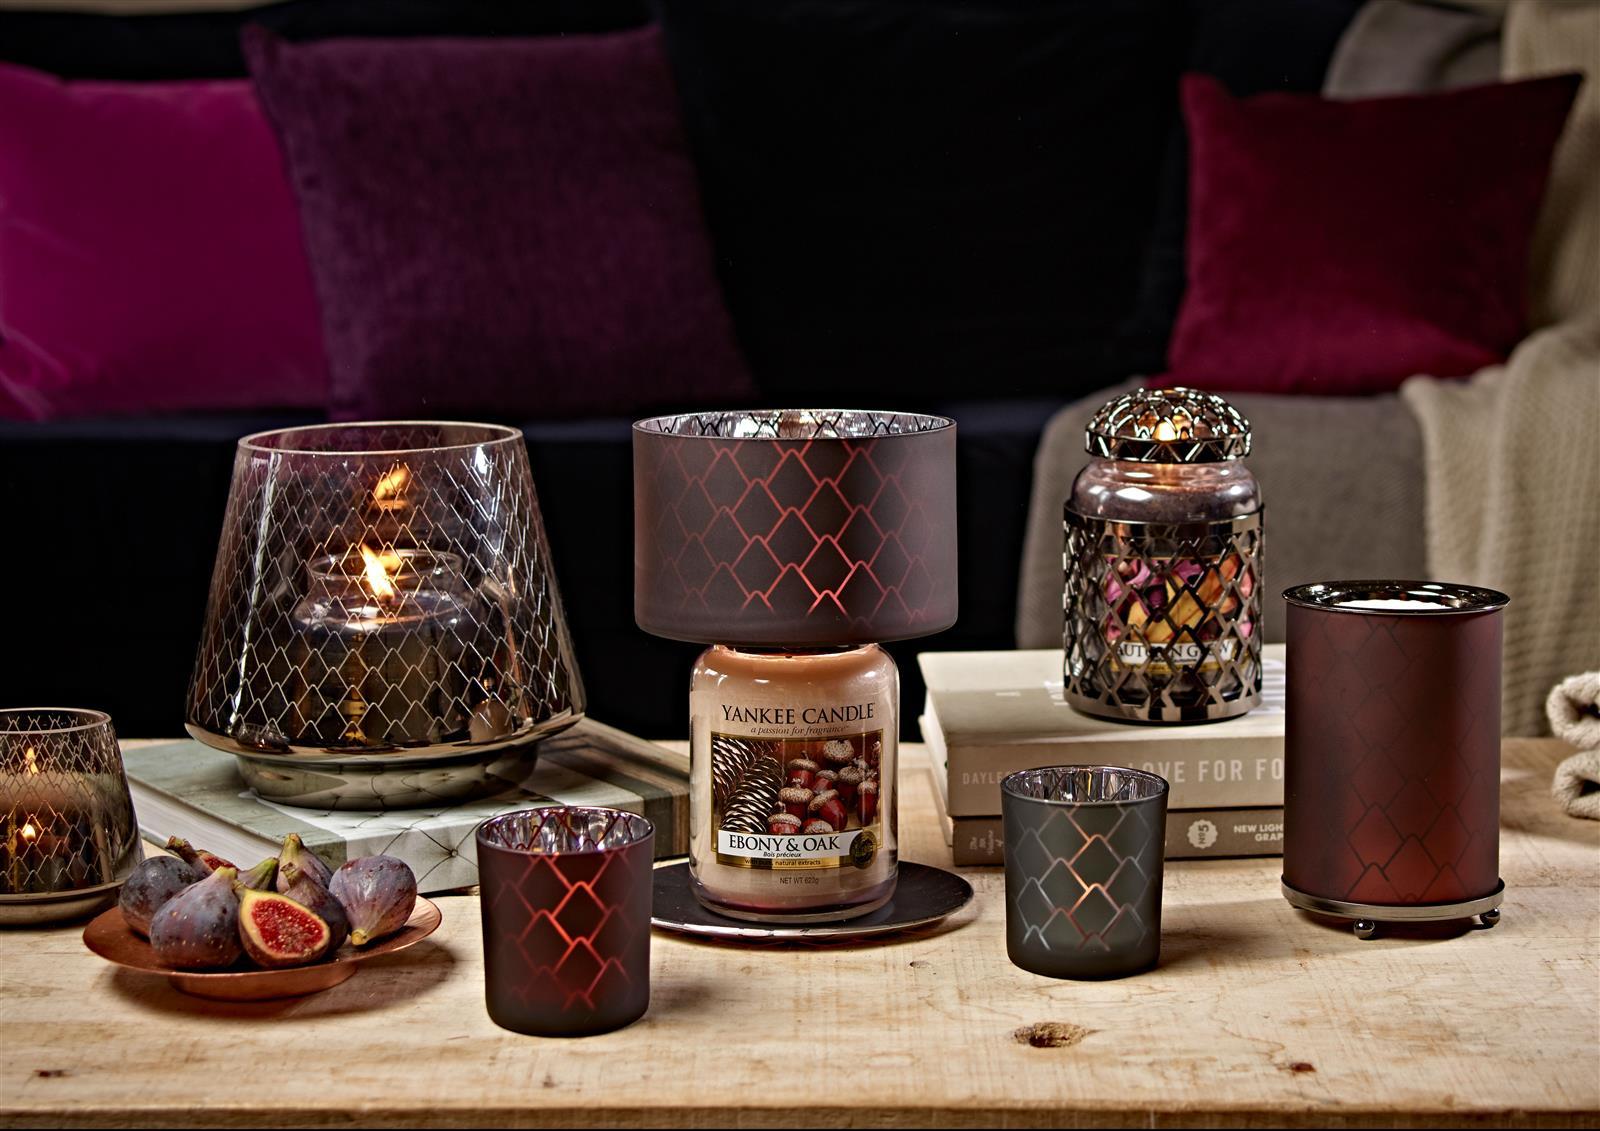 kerzenhalter pinecone lantern glass von yankee candle. Black Bedroom Furniture Sets. Home Design Ideas